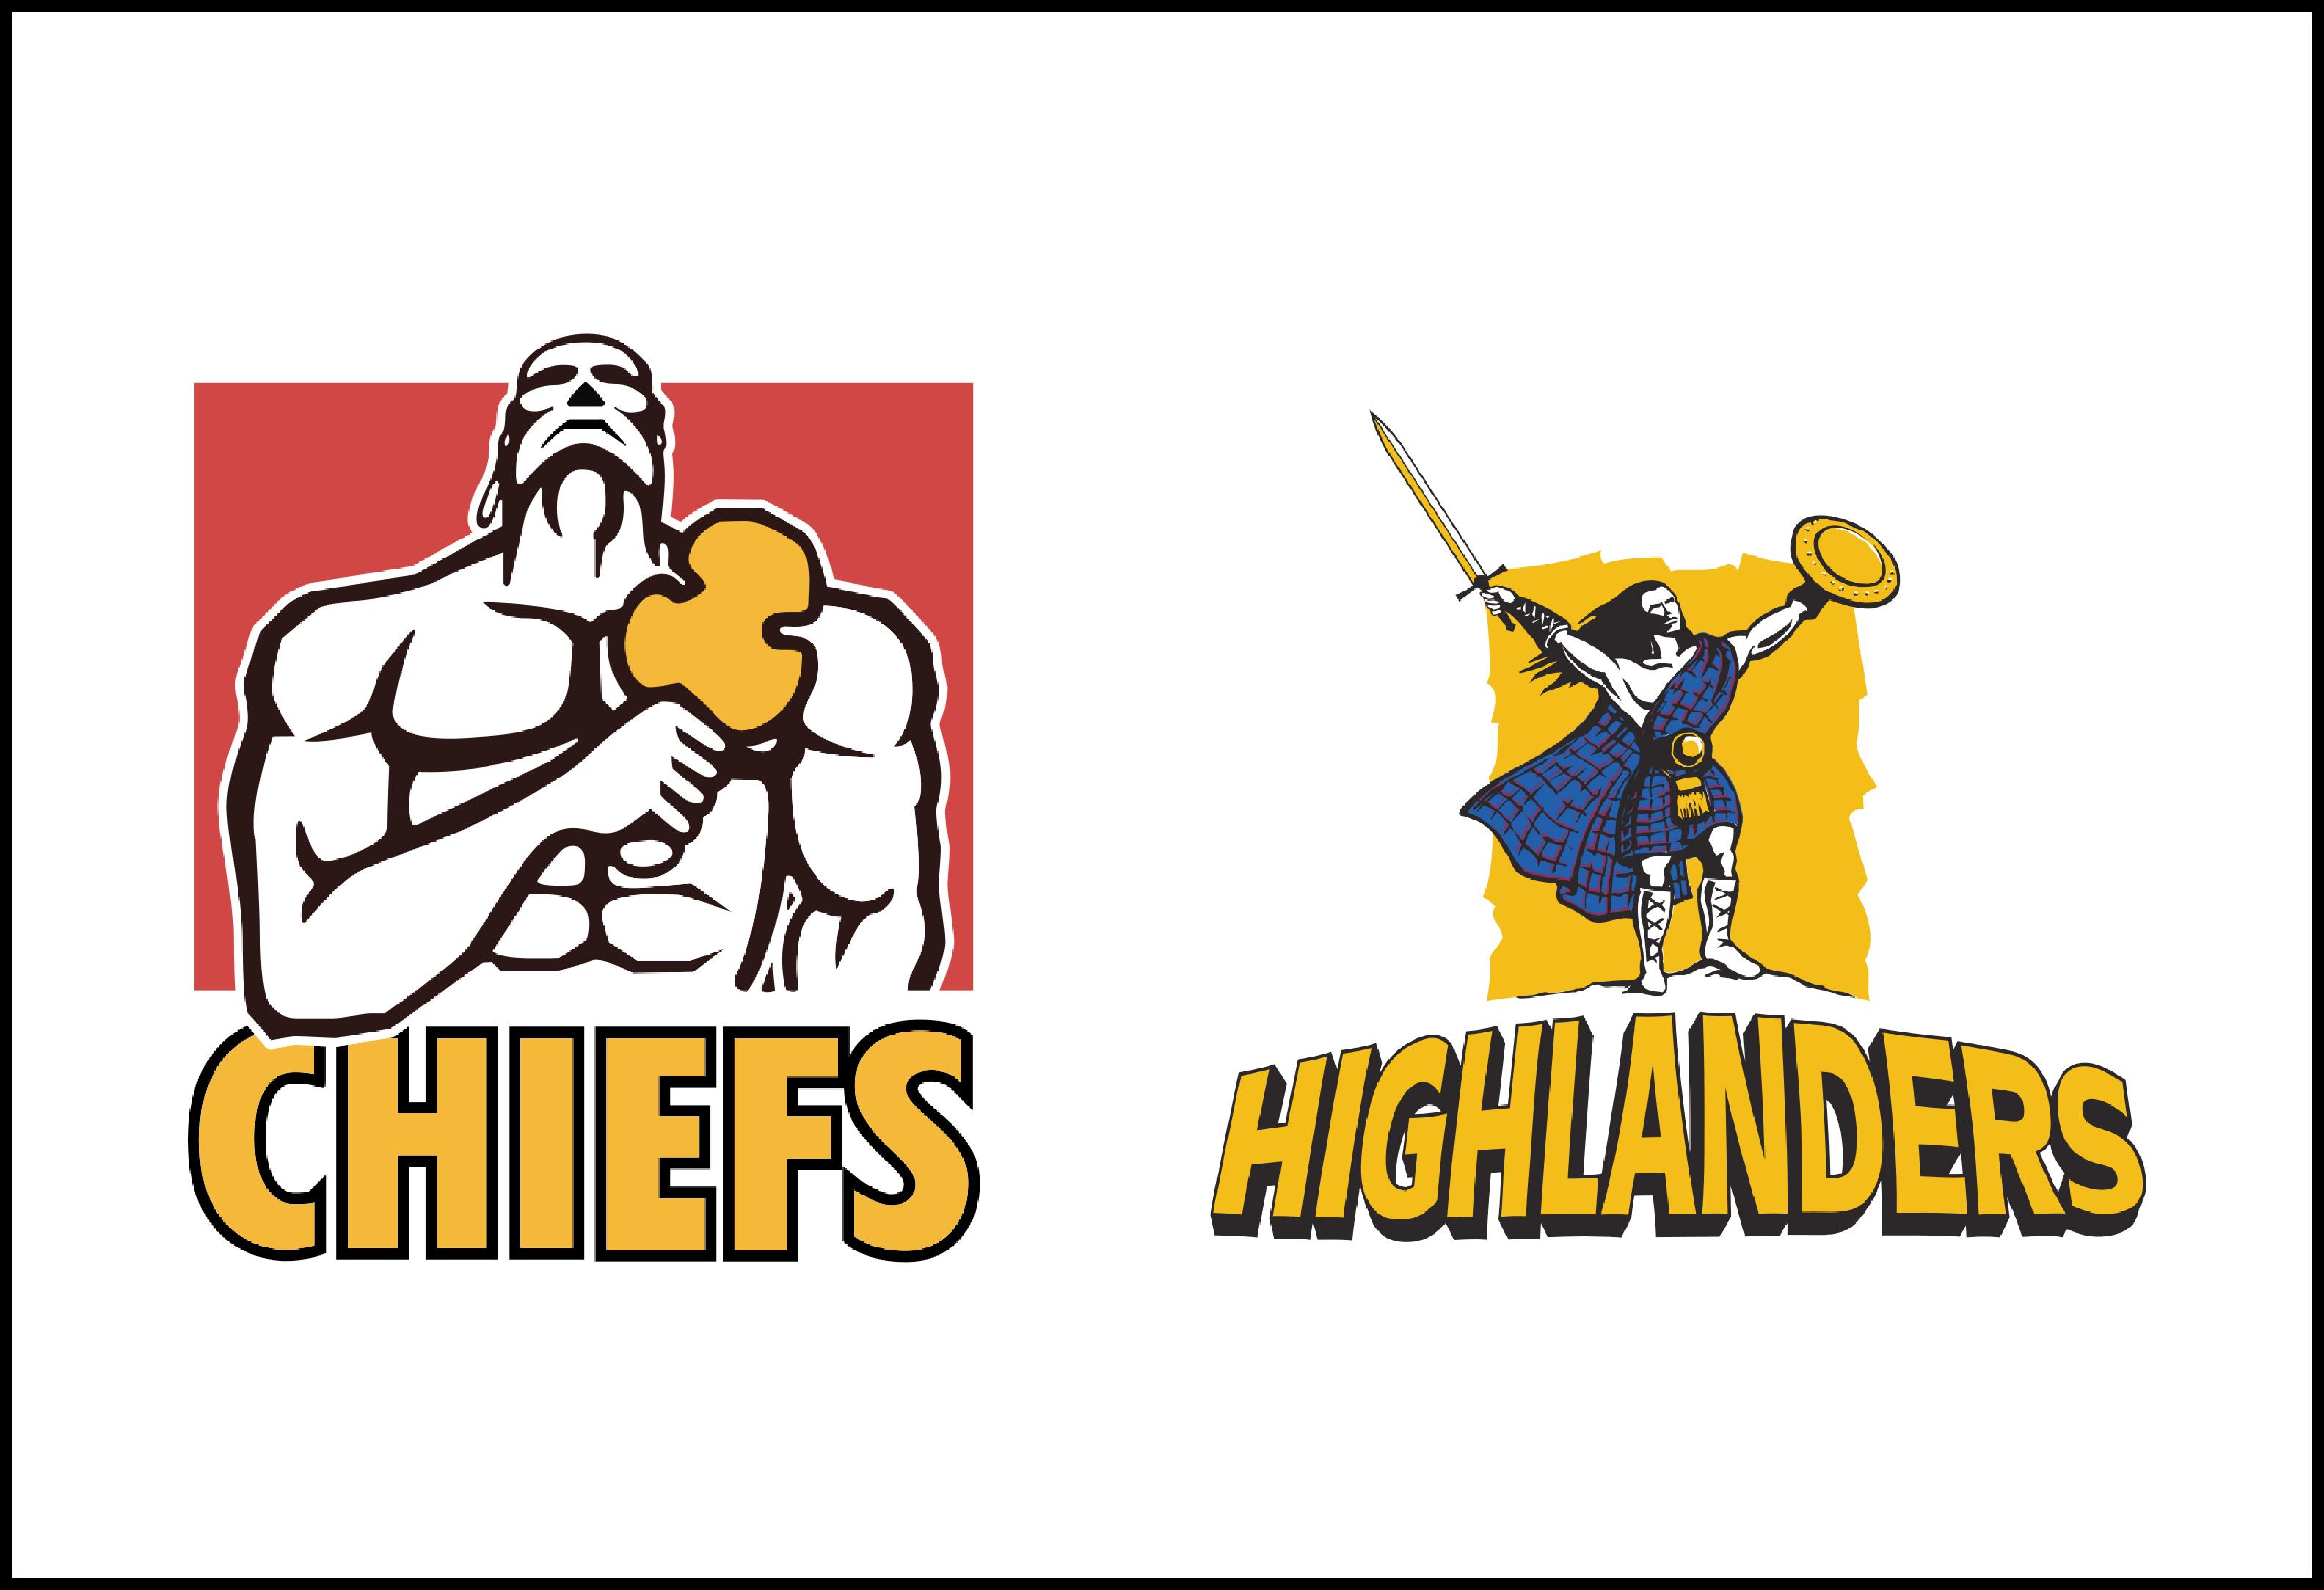 Gallagher Chiefs v Highlanders